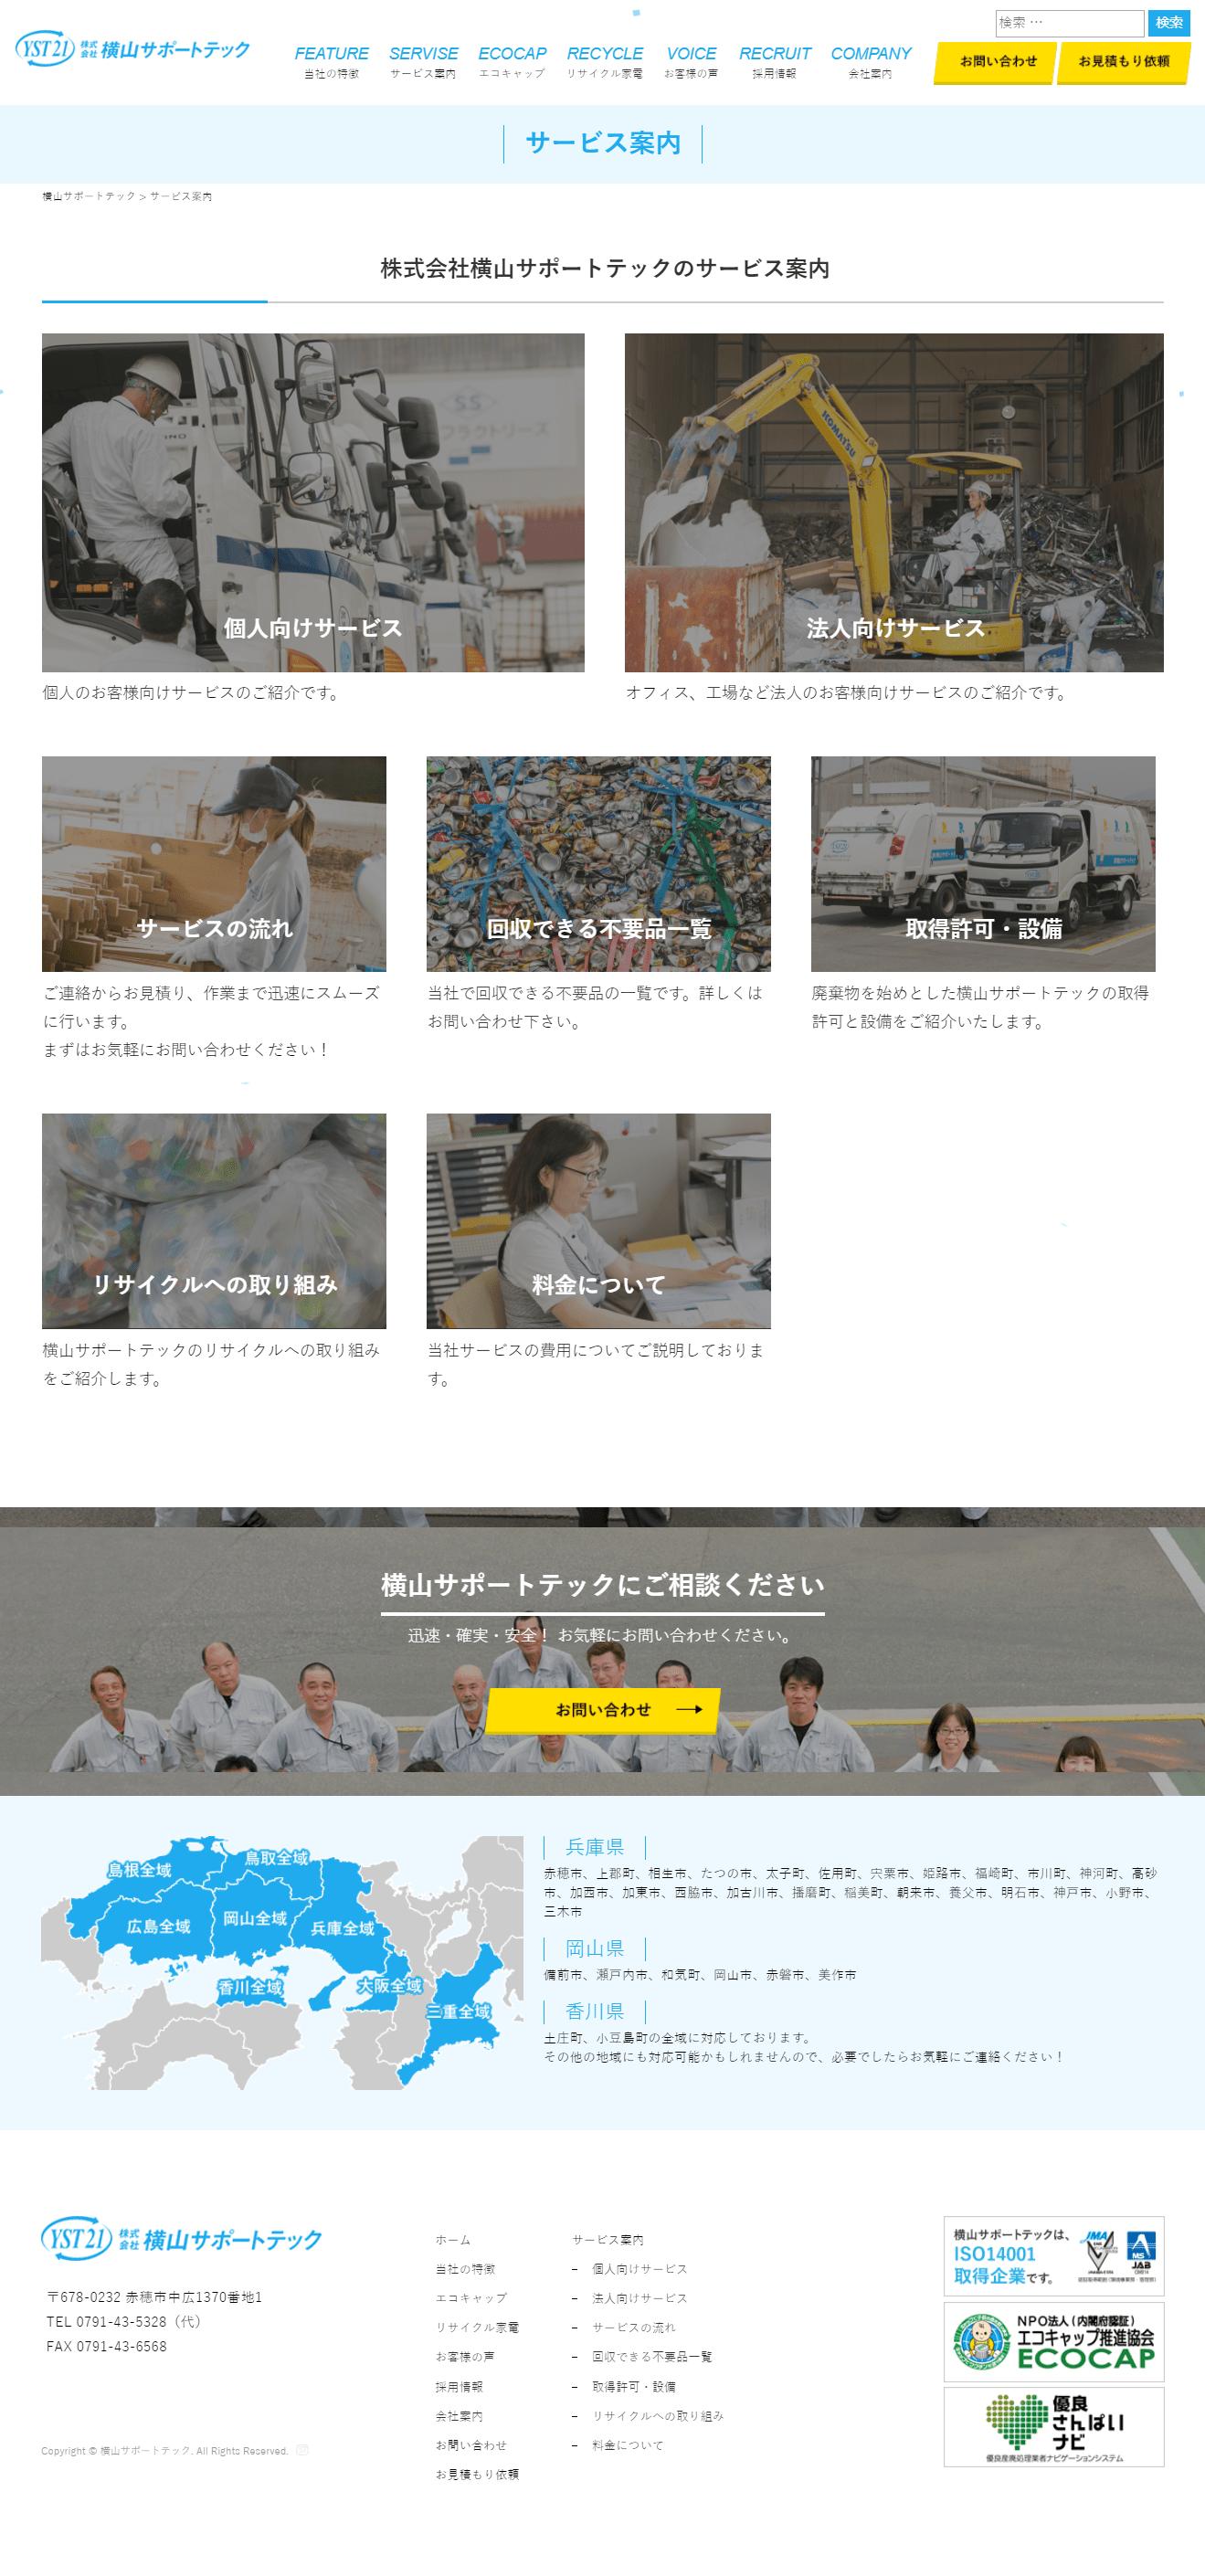 赤穂市 株式会社横山サポートテック様 ホームページ制作2